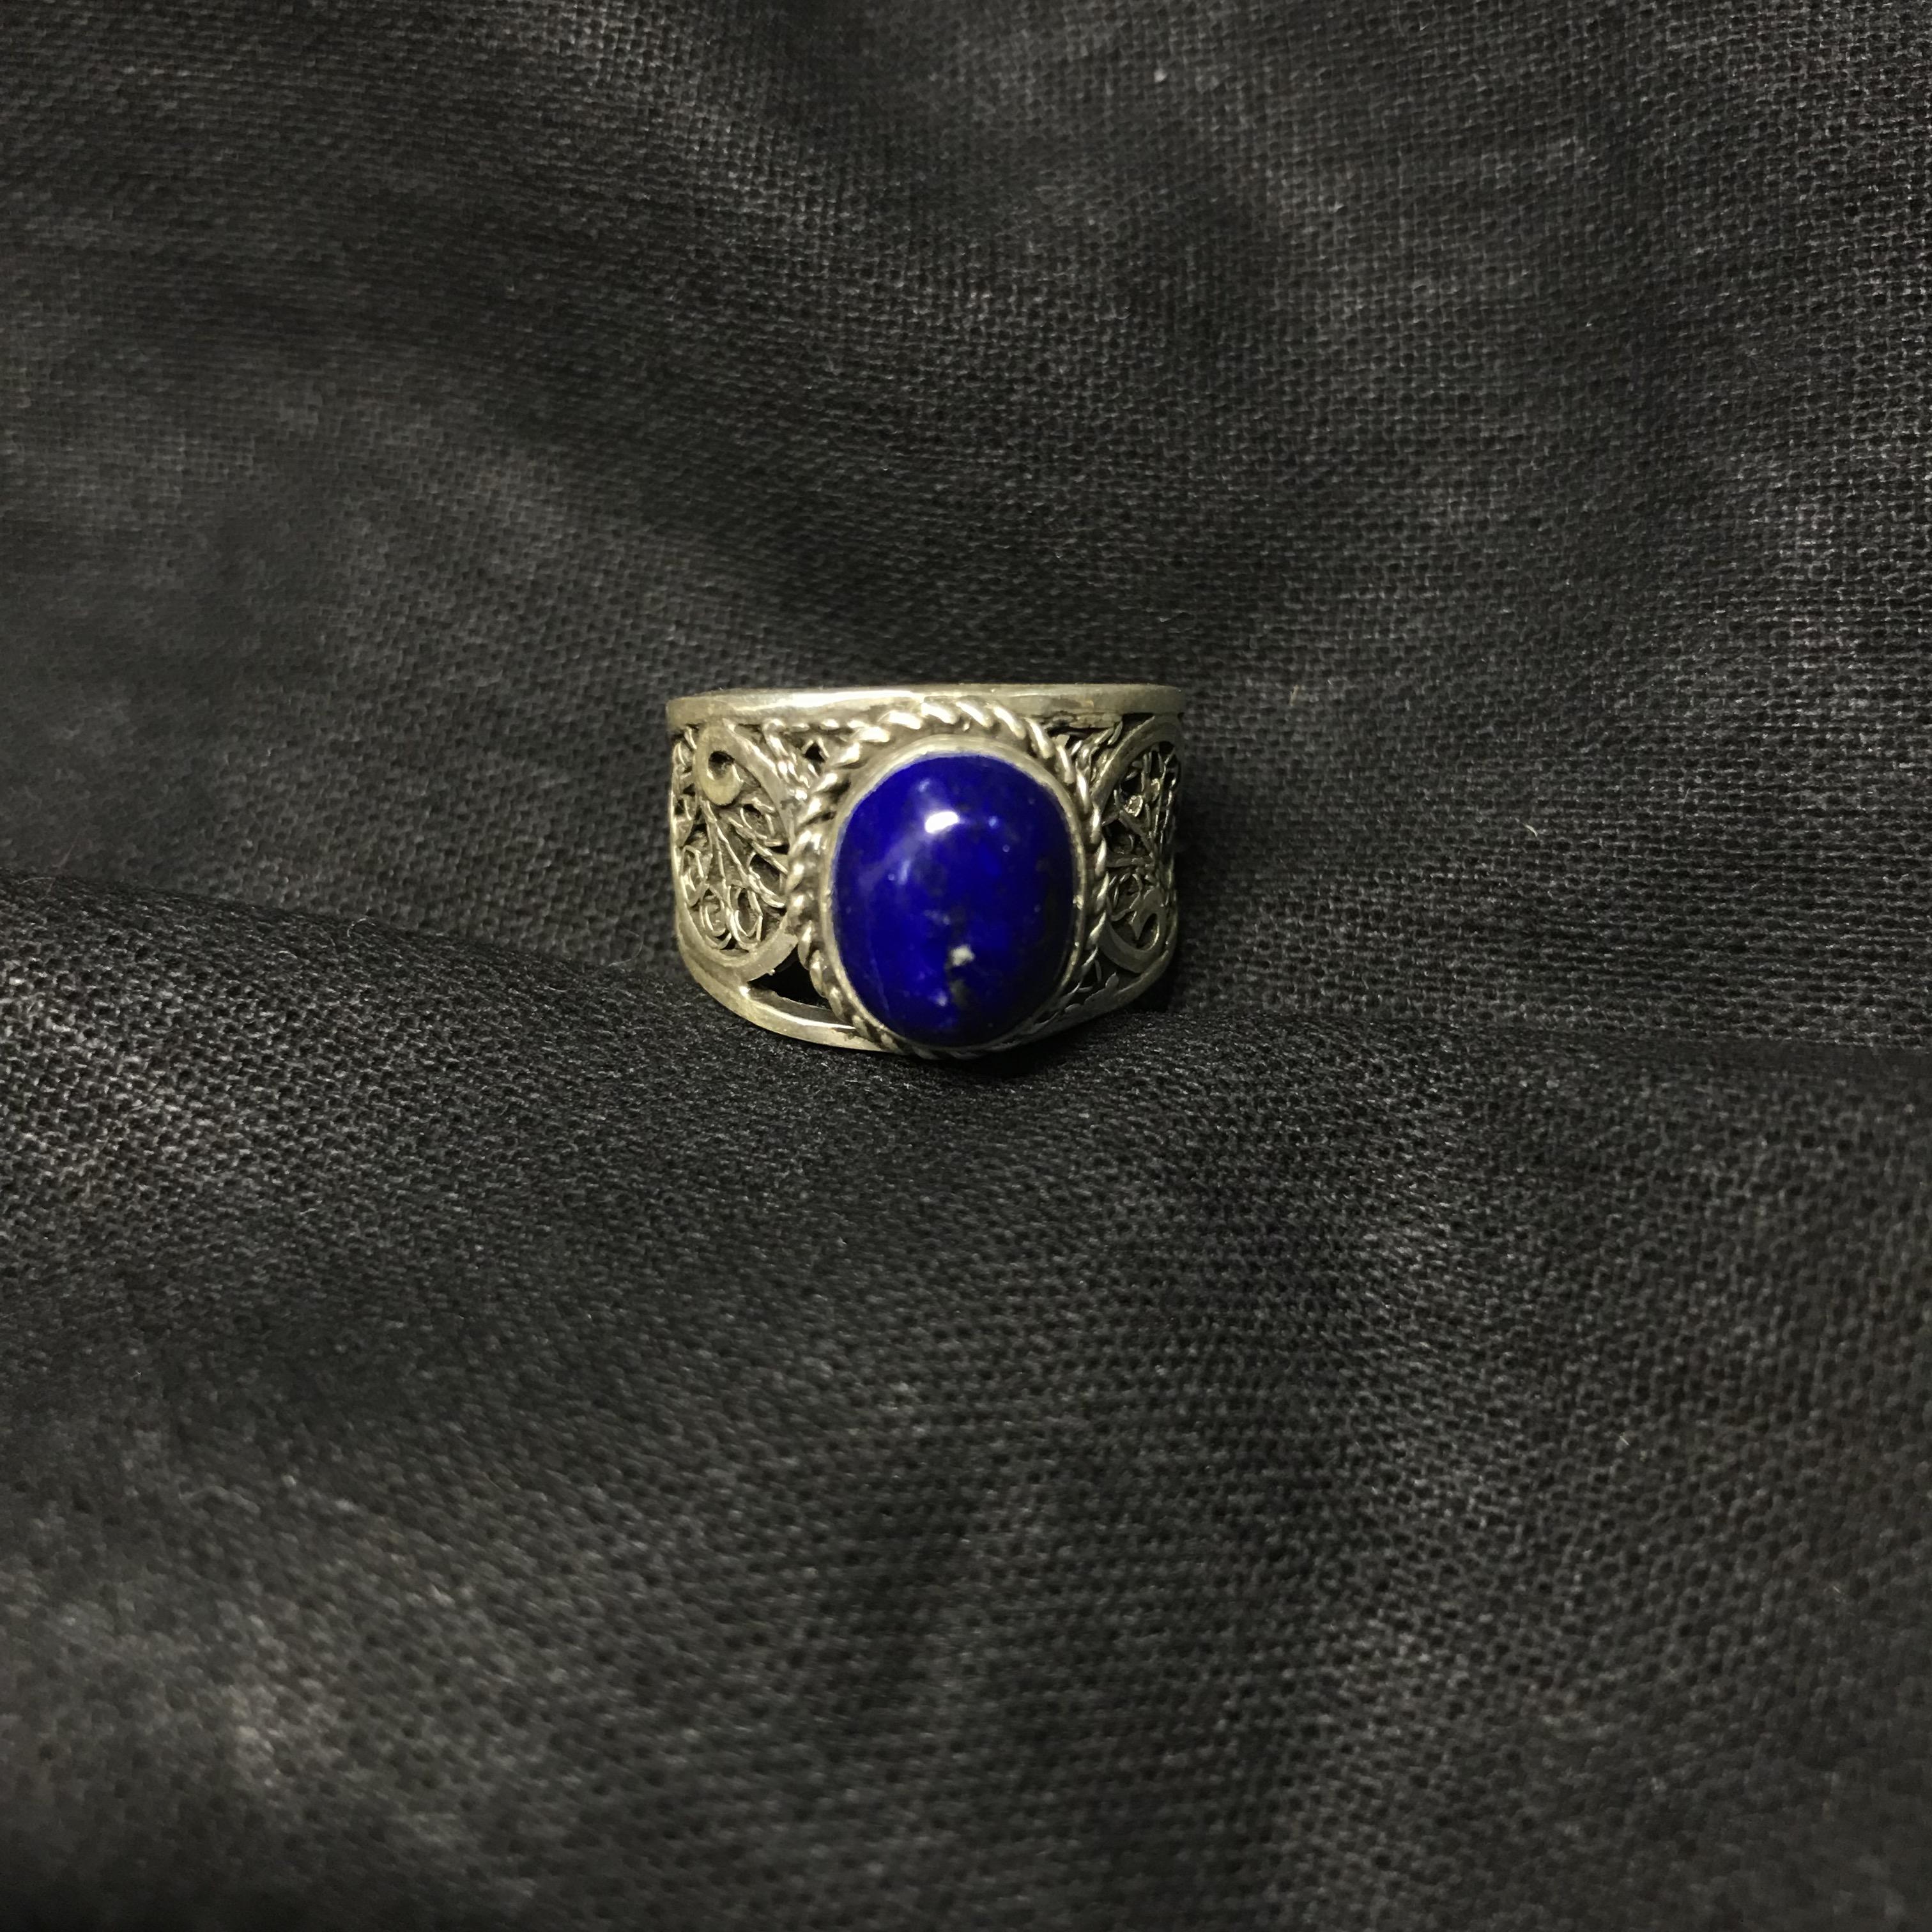 埃及银饰 青金石戒指 提升灵性 珠宝饰品定制